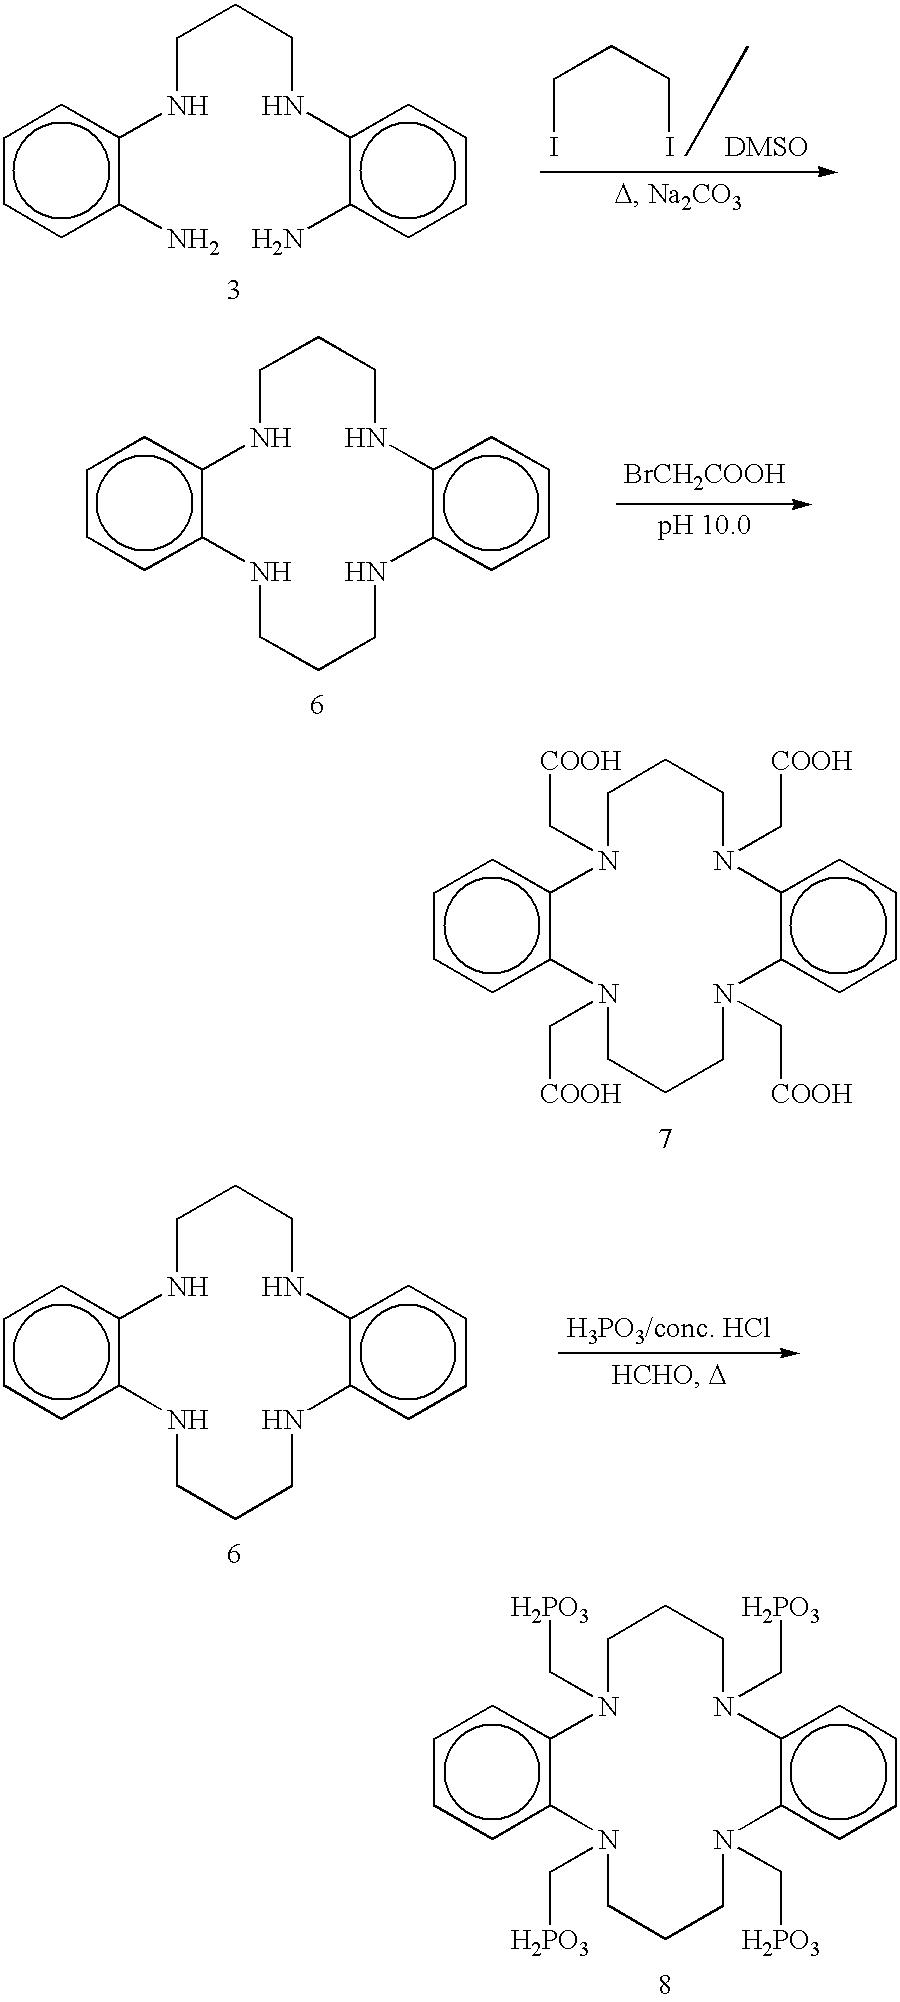 Figure US06528627-20030304-C00027